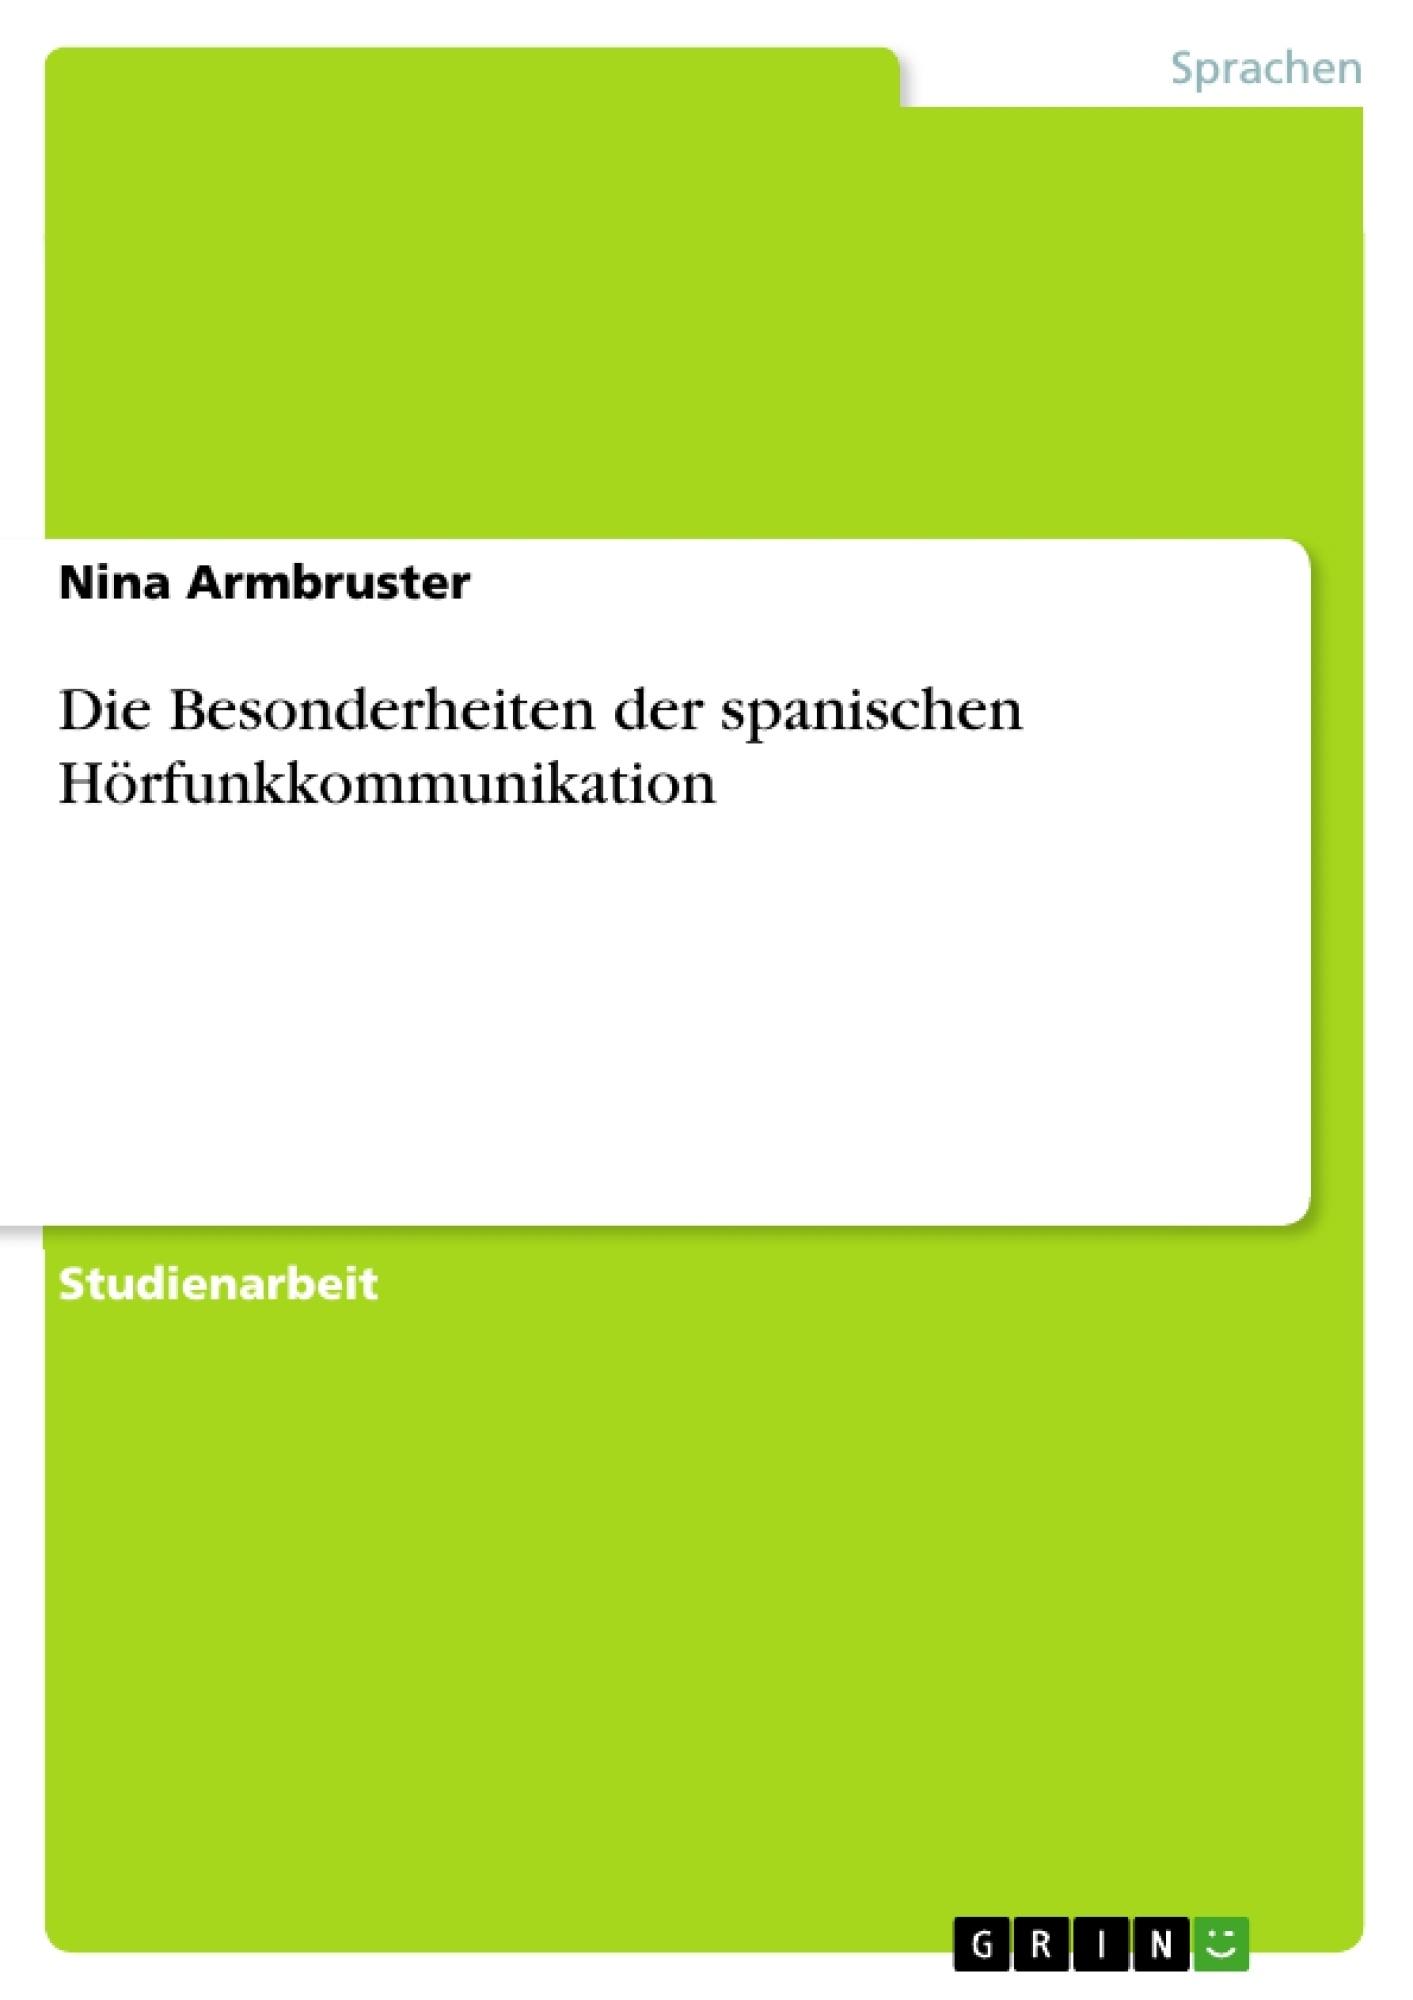 Titel: Die Besonderheiten der spanischen Hörfunkkommunikation